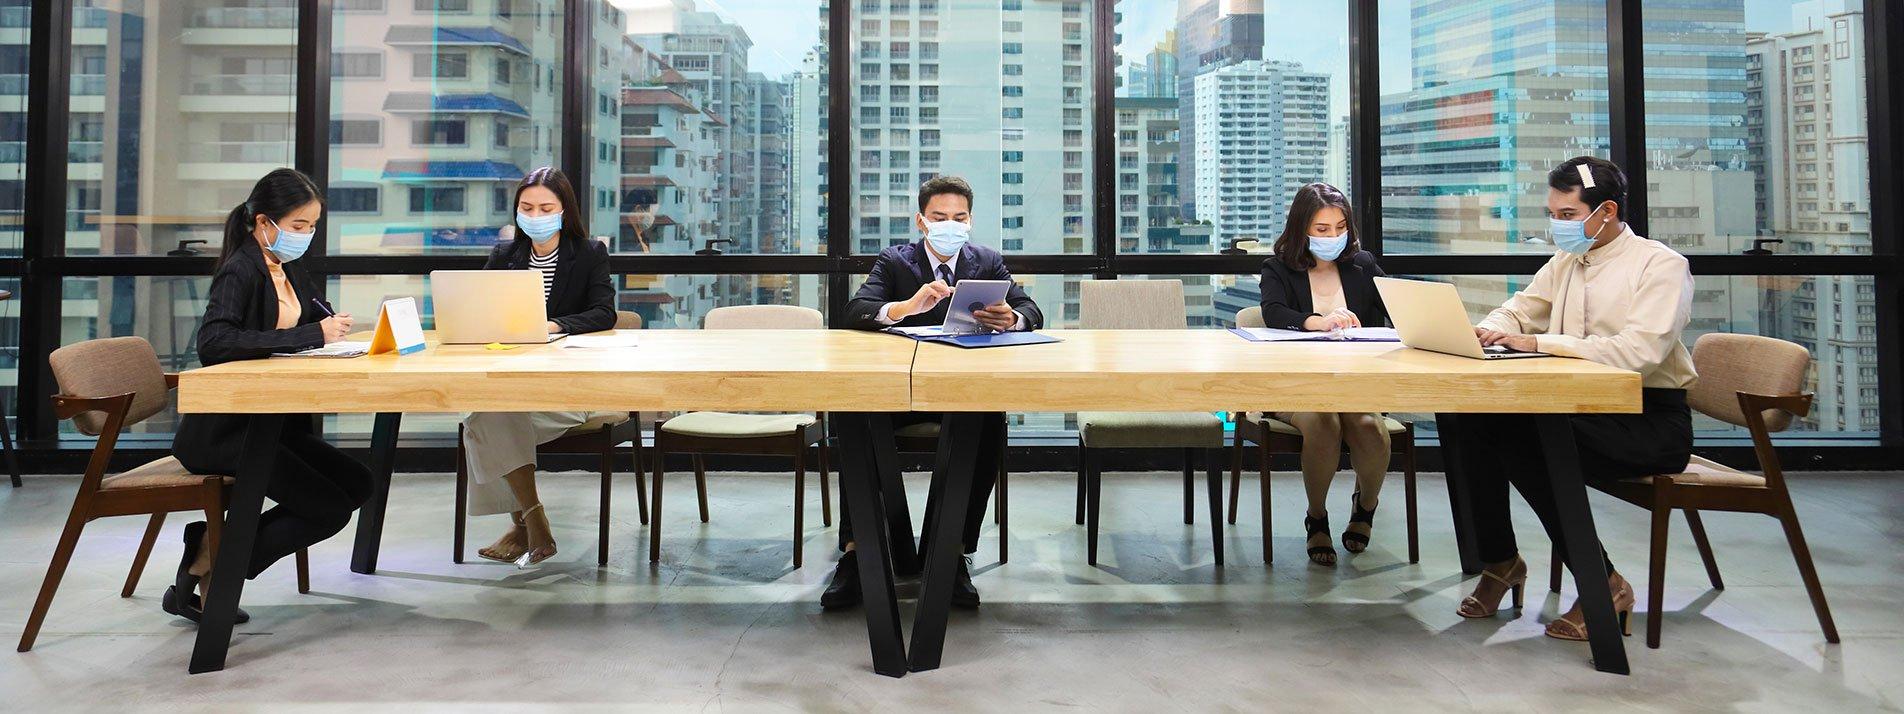 post el desafio de las empresas durante la pandemia